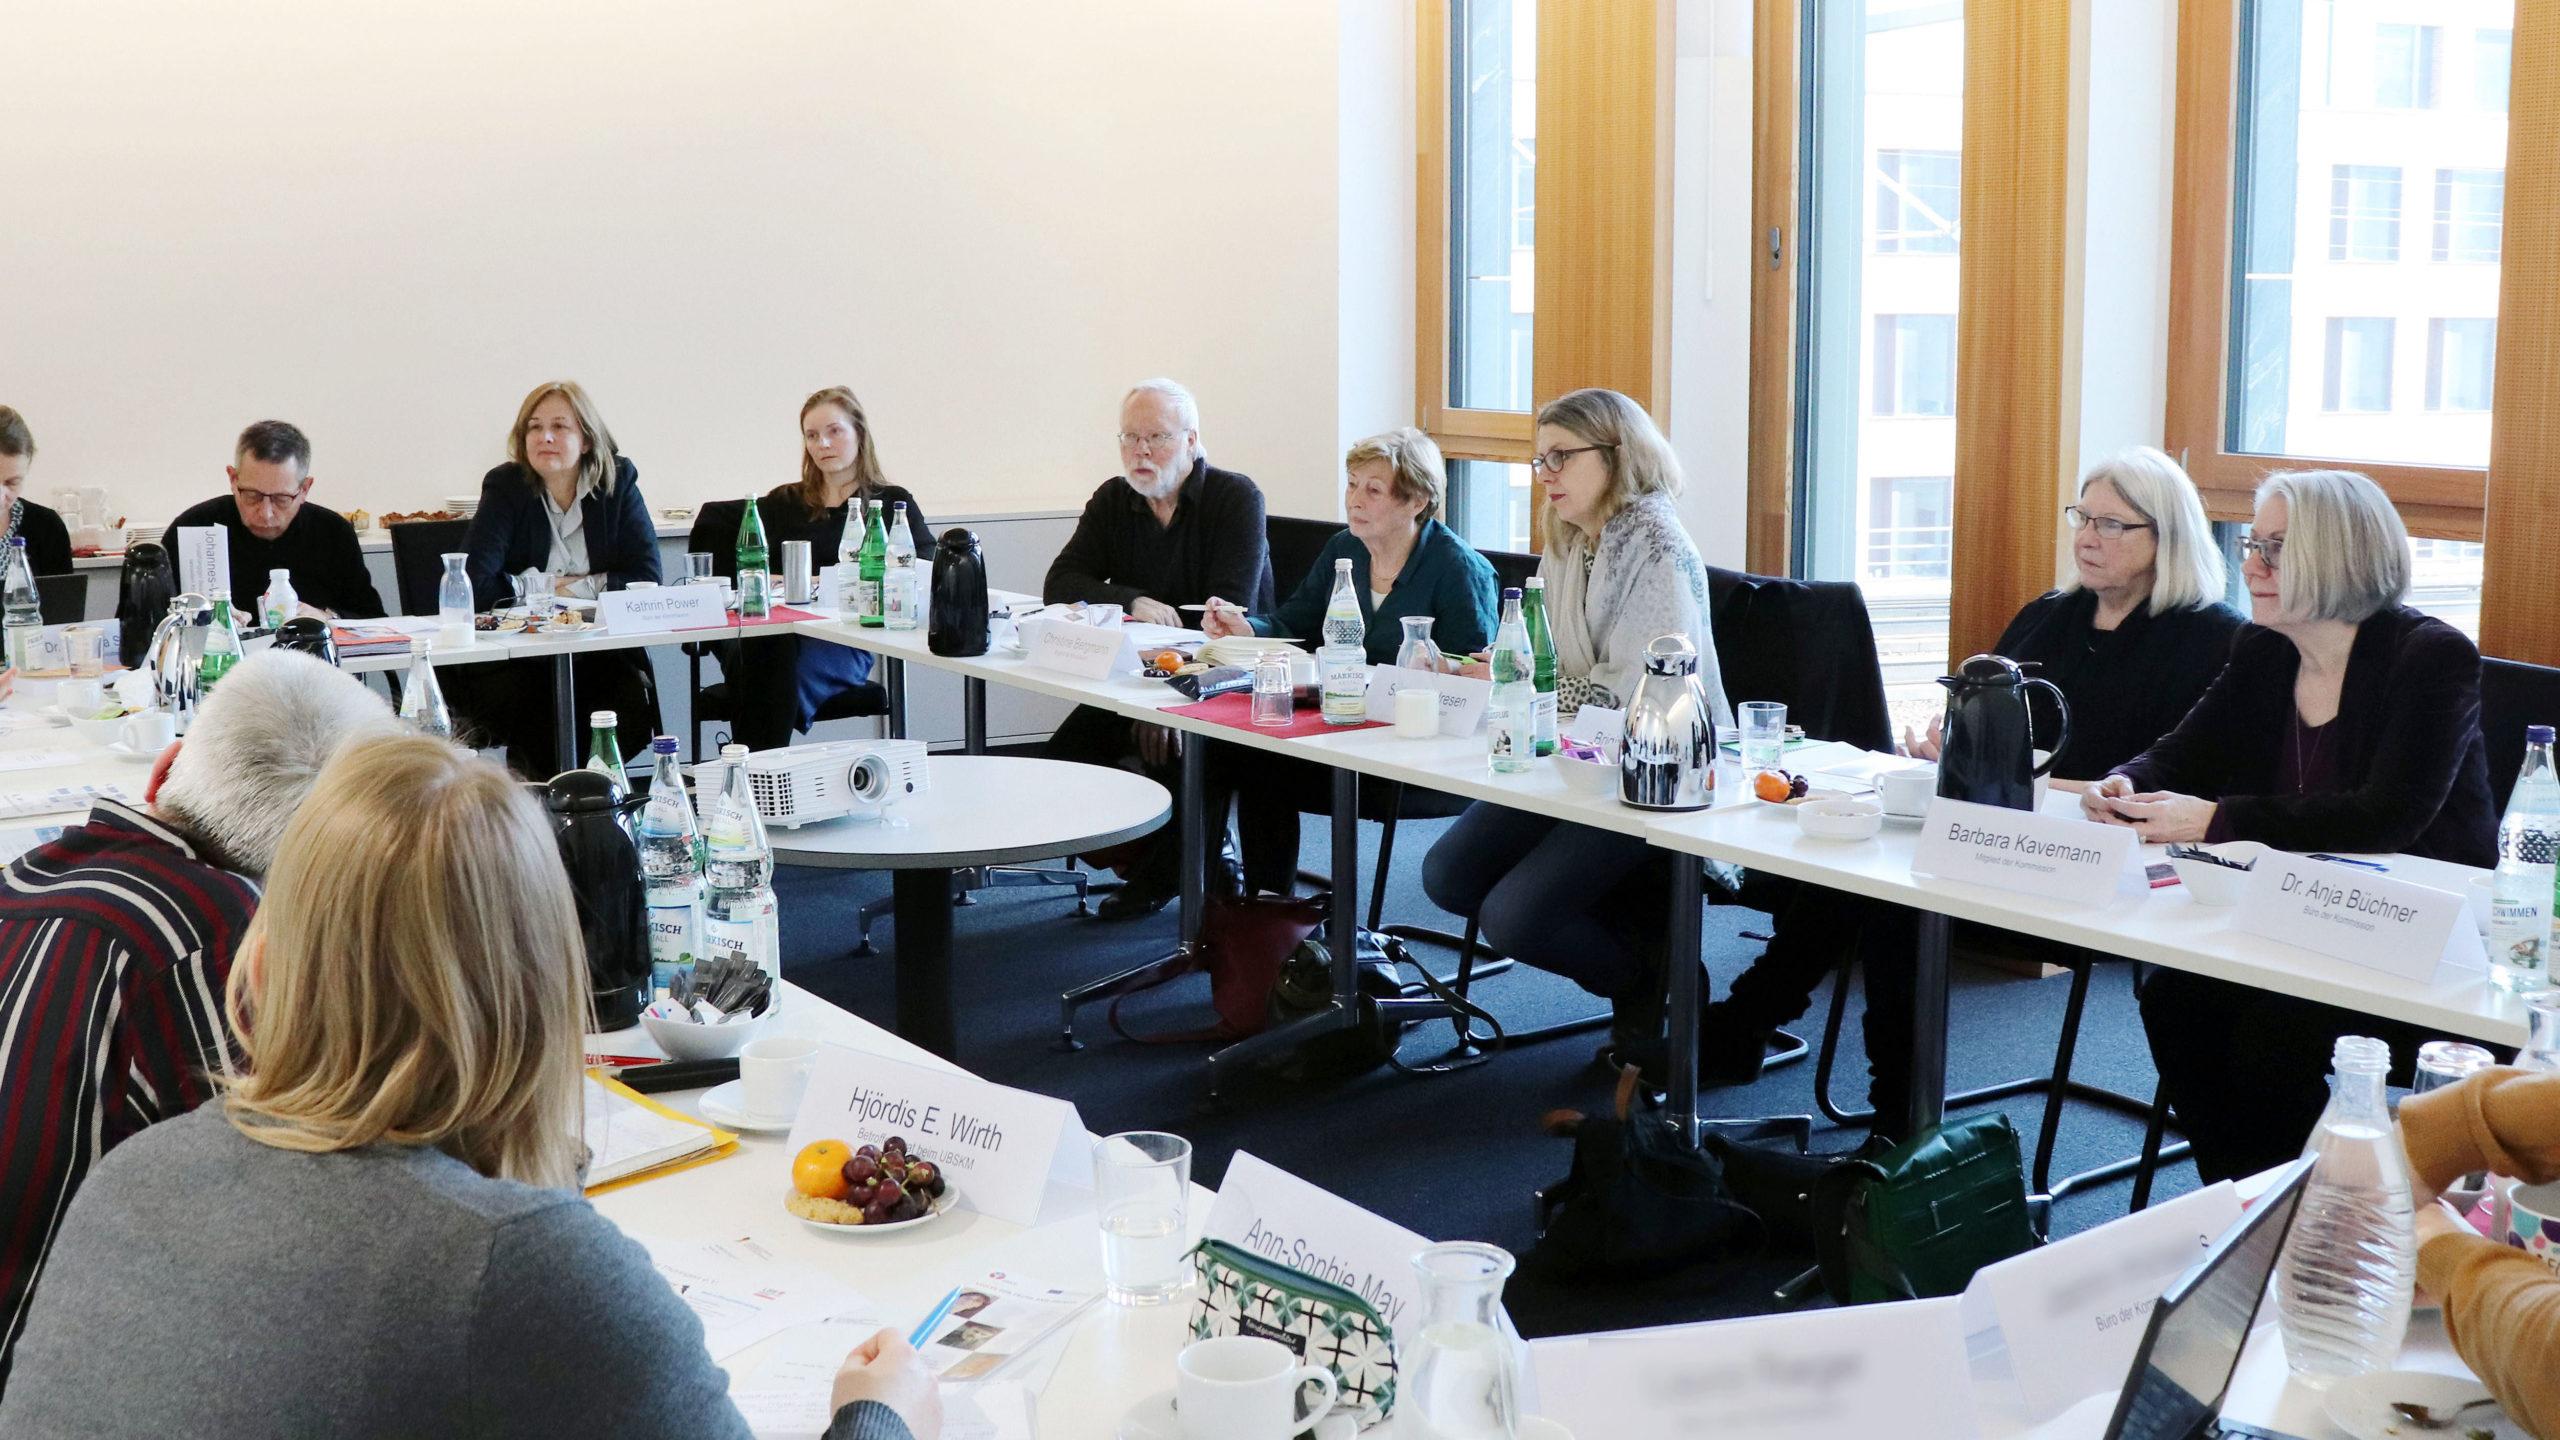 Mehrere Frauen und Männer sitzen an einem langen Tisch und sprechen miteinander oder hören zu.